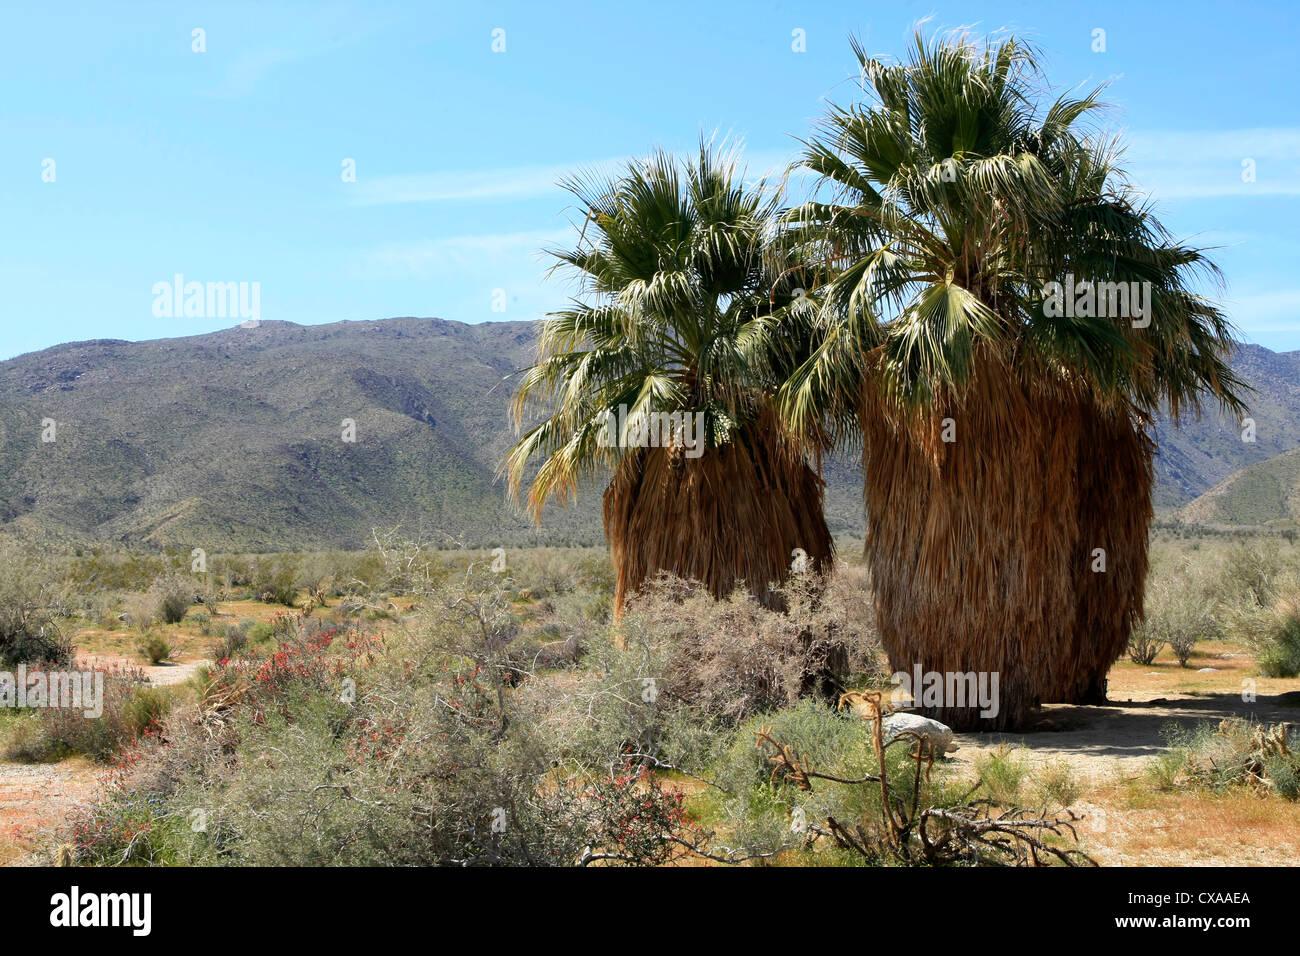 California Fan Palmen an der Anza Borrego Desert State Park, Kalifornien. Stockbild